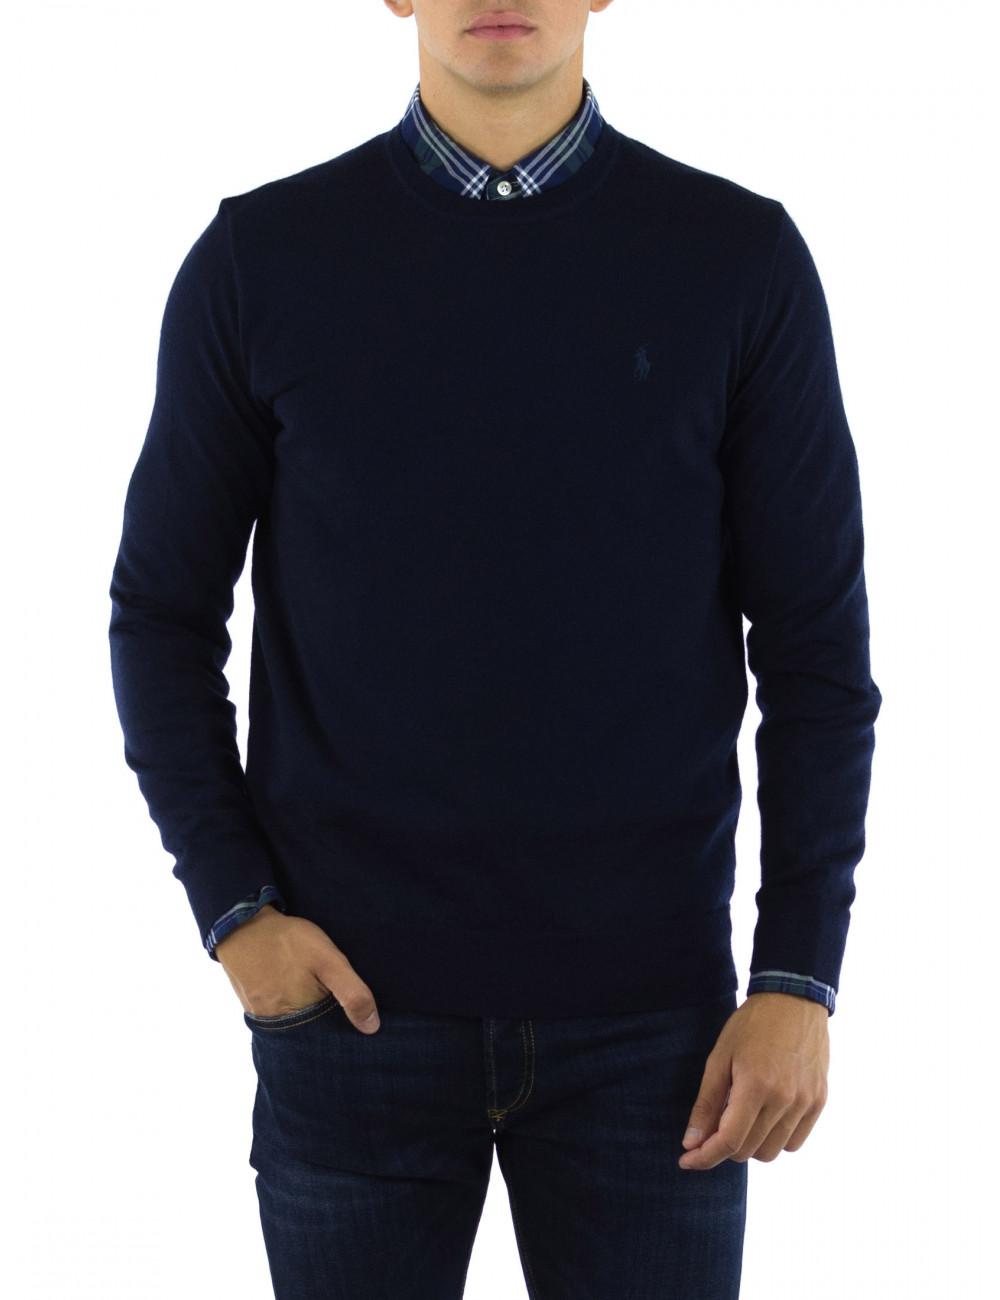 Maglia Ralph Lauren in lana merino